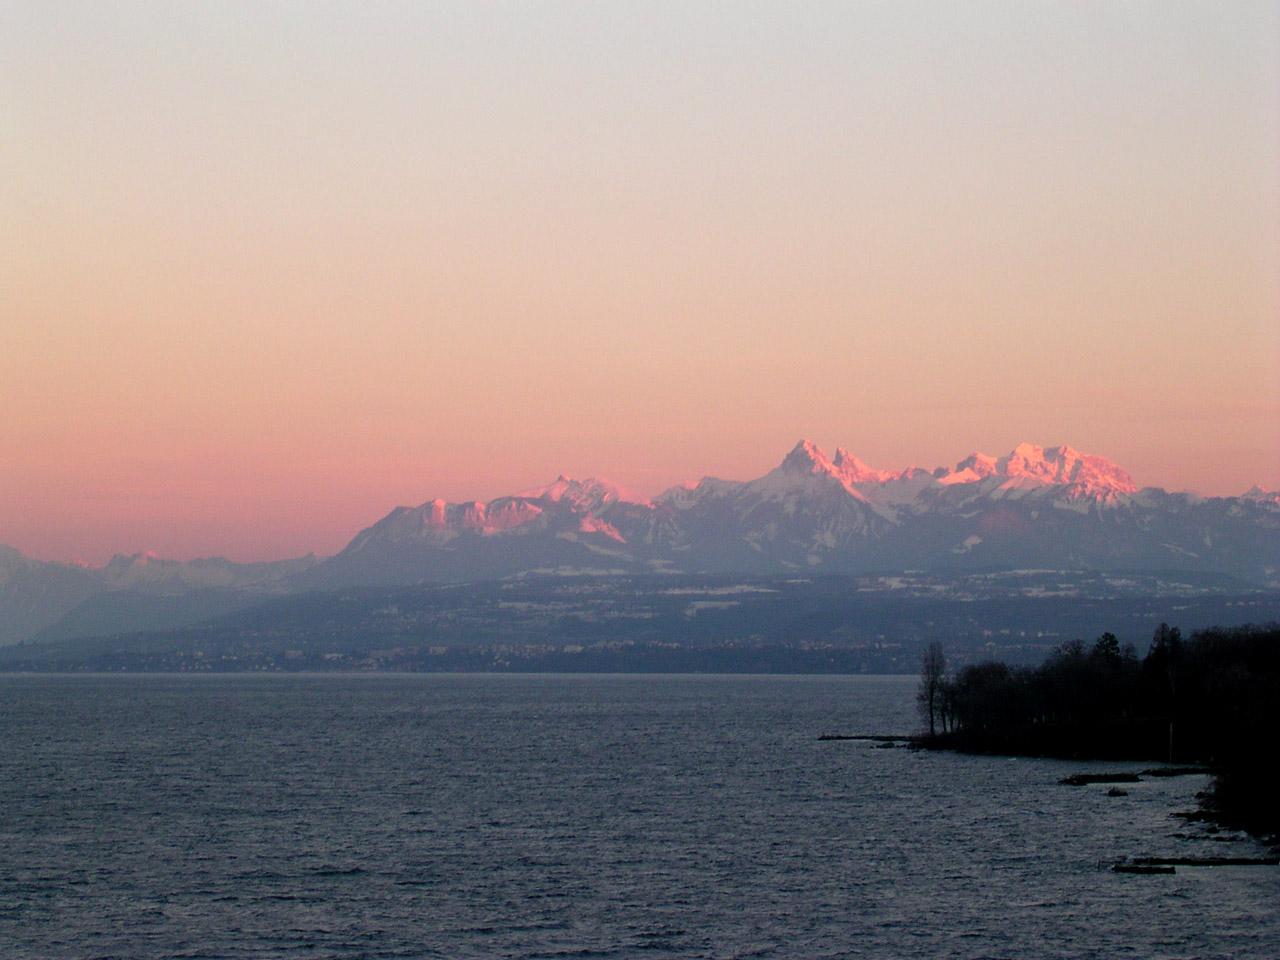 Les Alpes enneigées au soleil couchant et le Lac Léman vus depuis Yvoire.